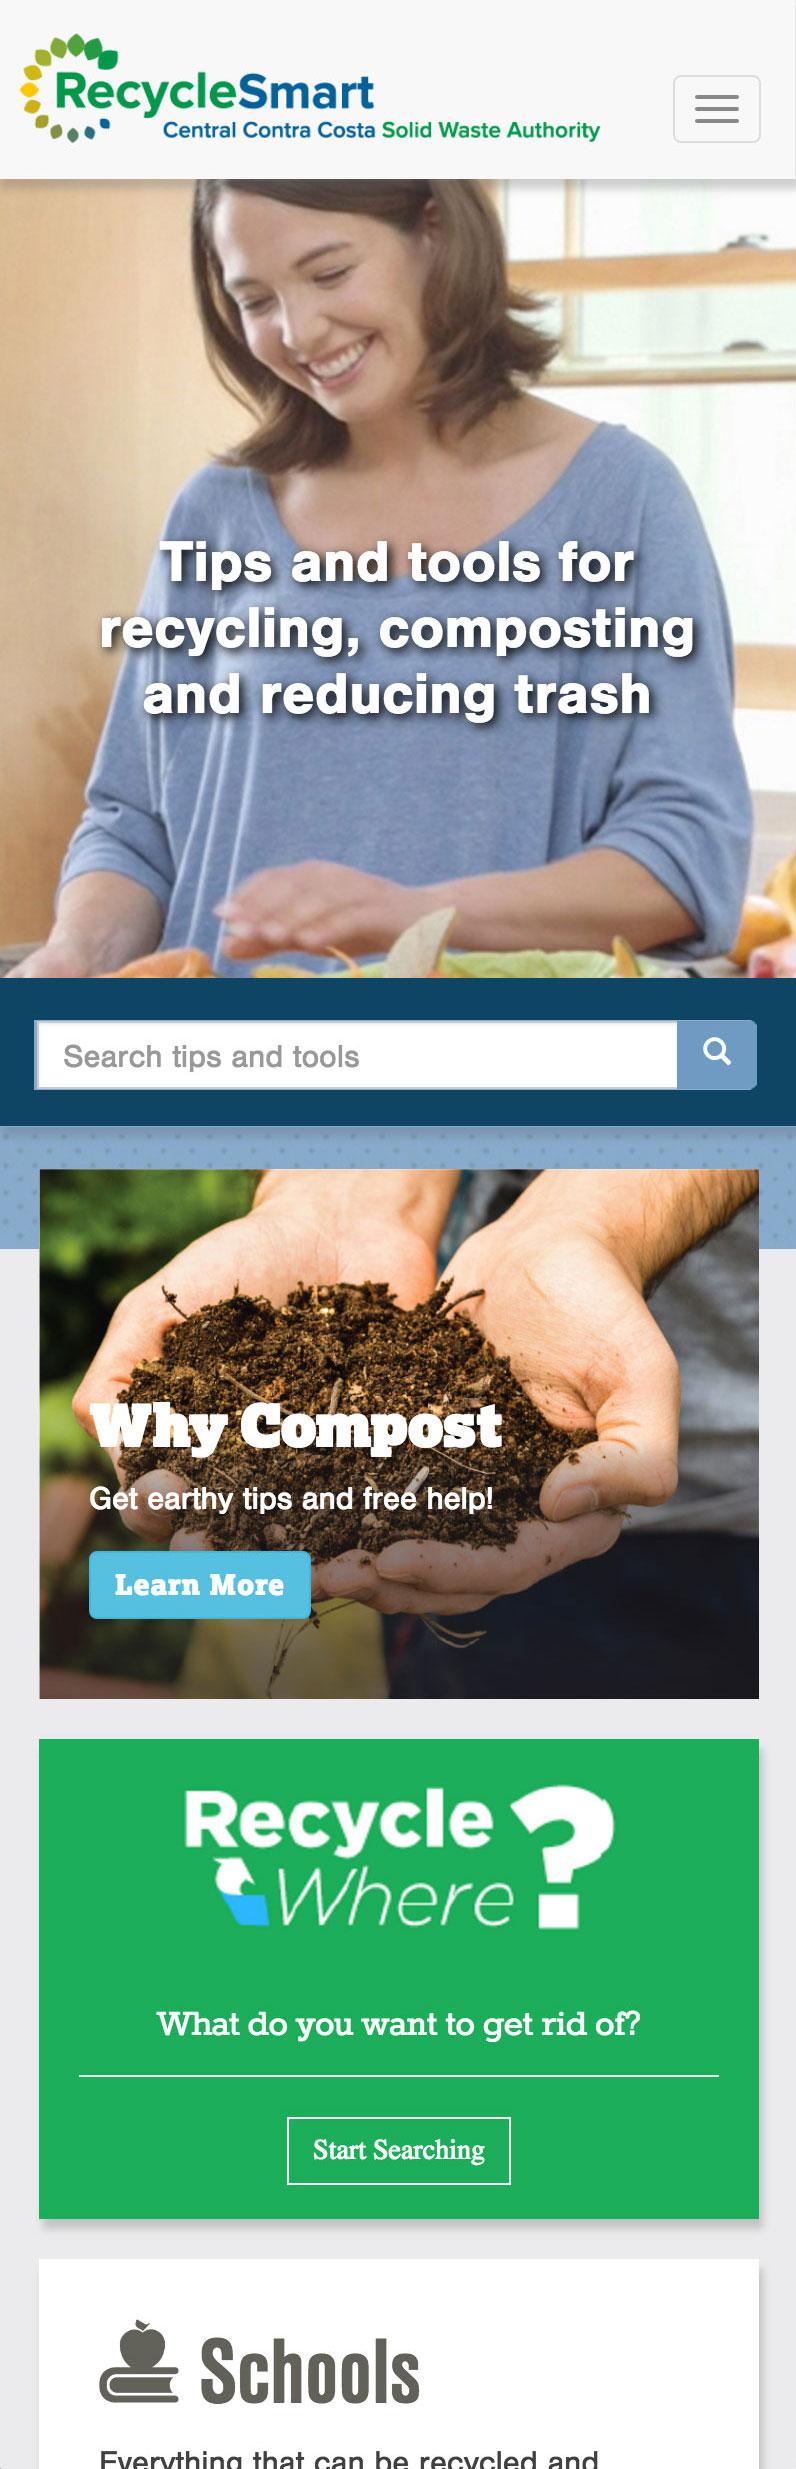 RecycleSmart mobile